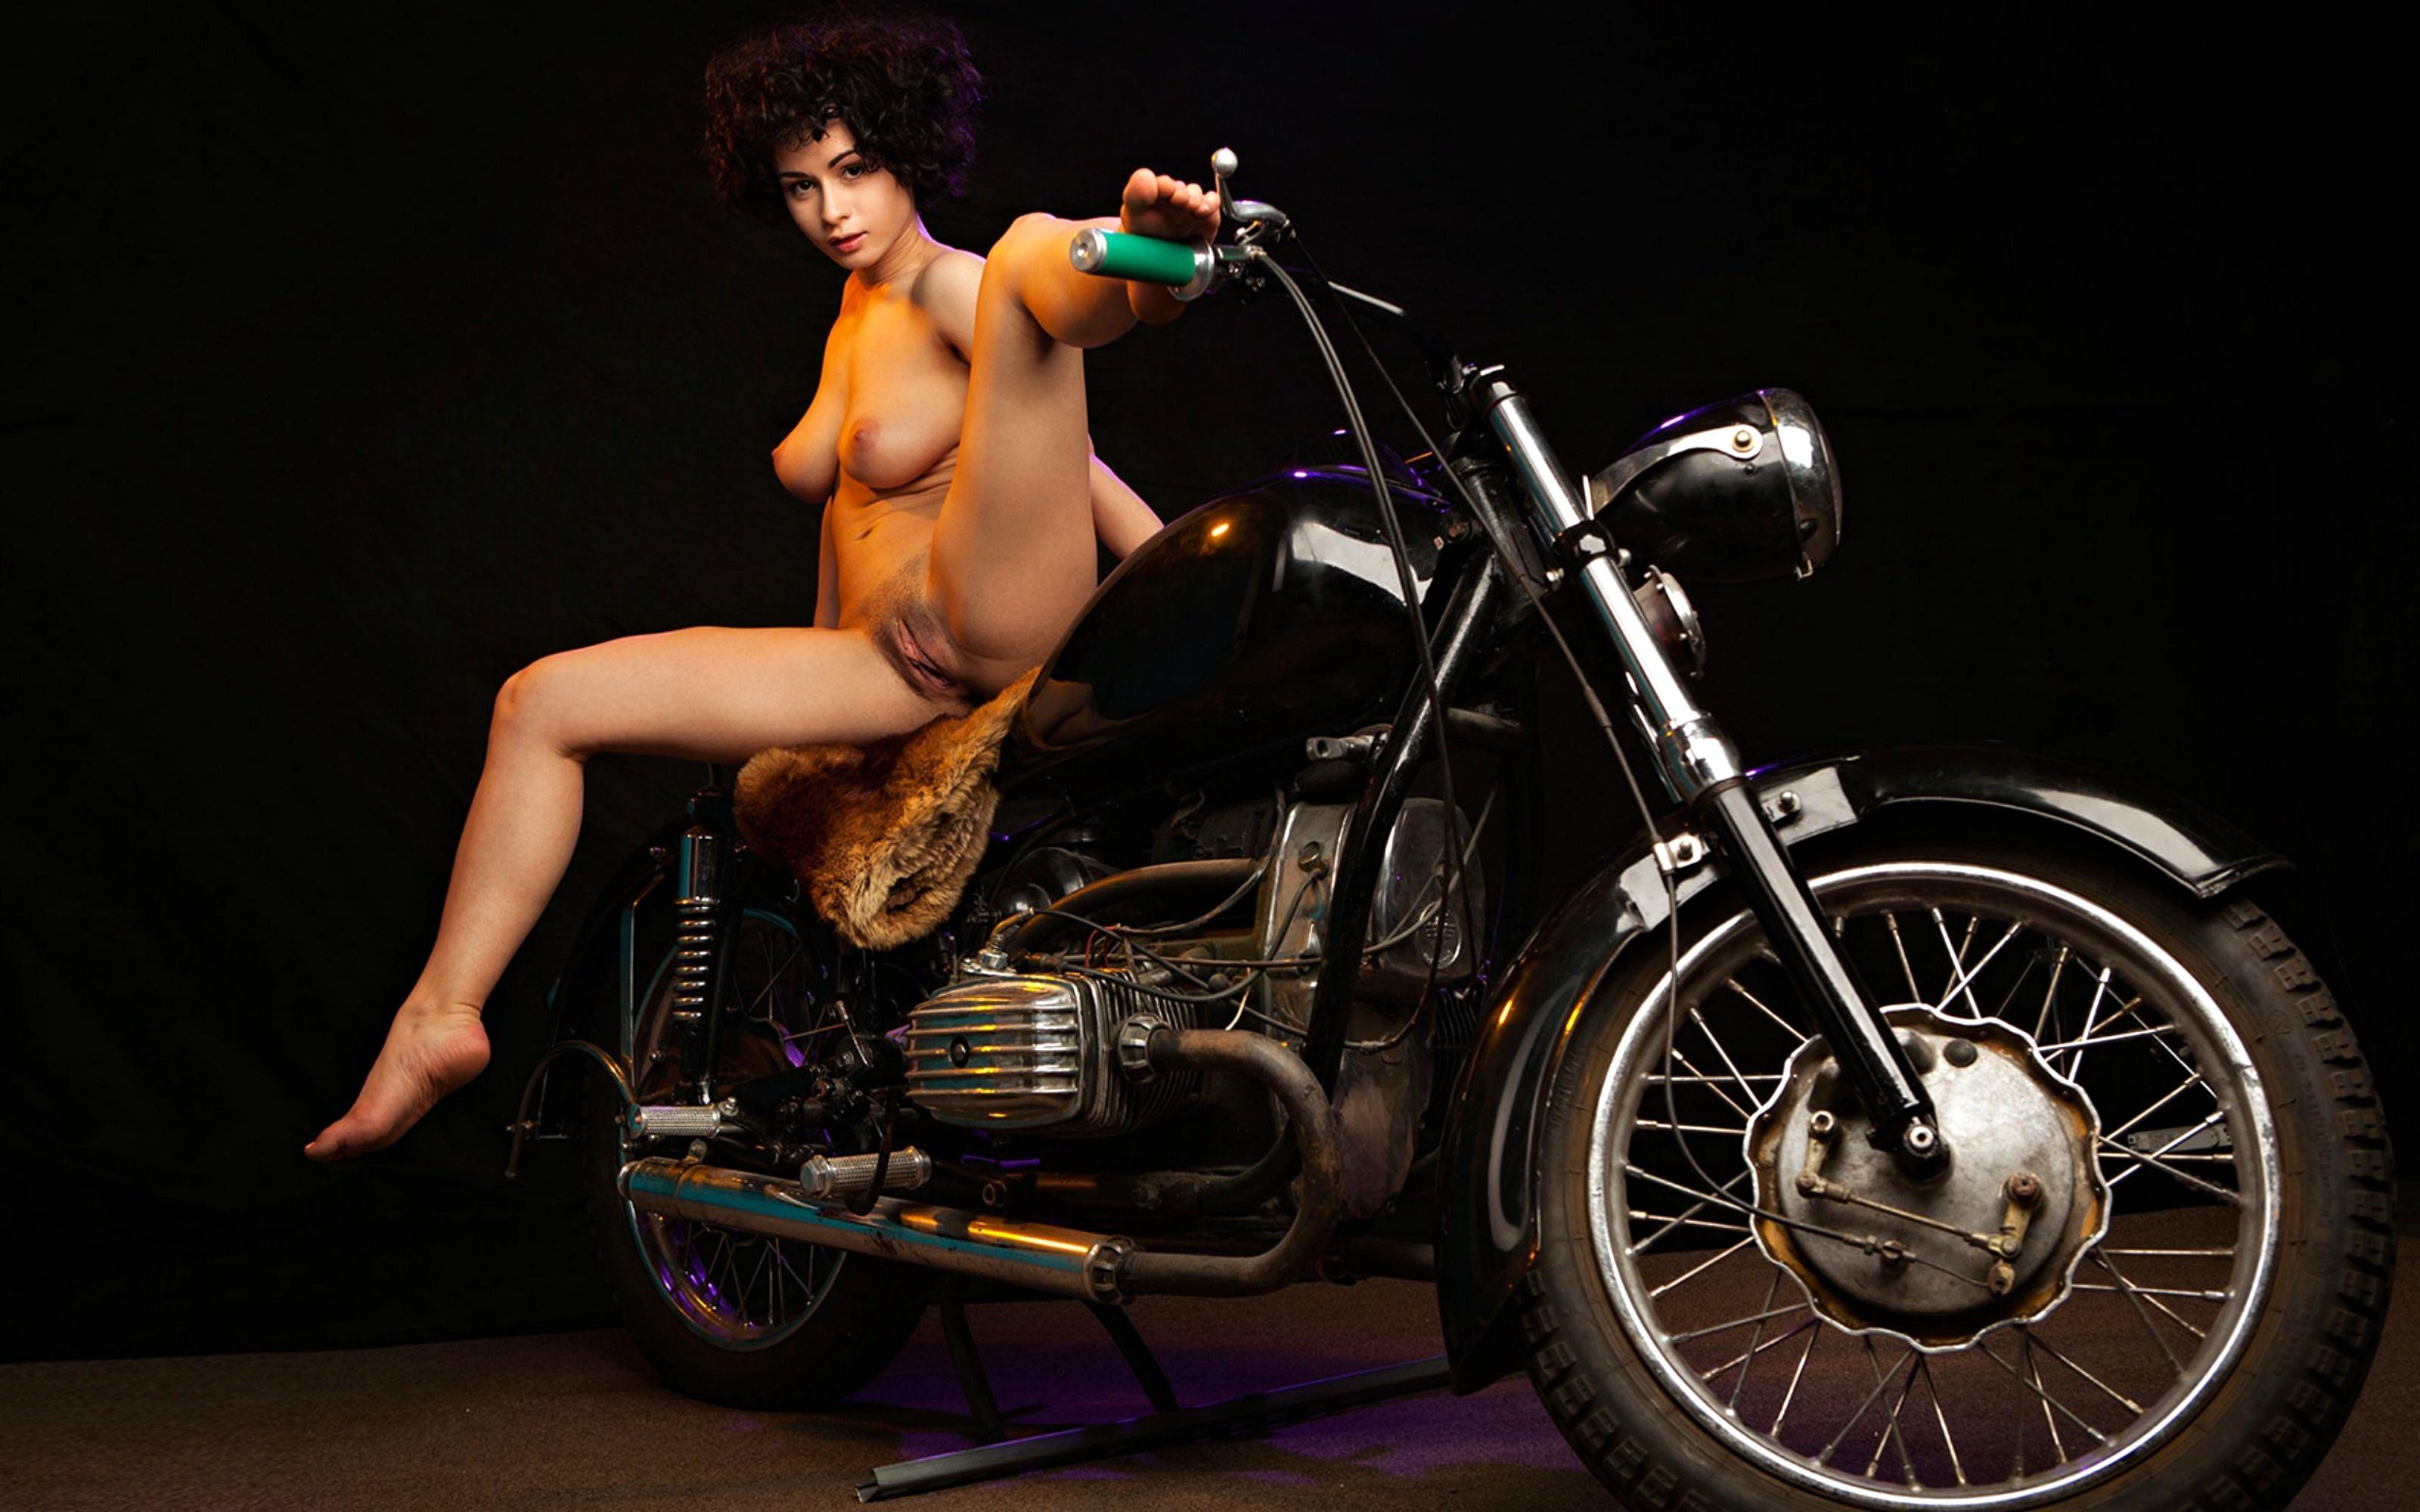 eroticheskie-bayki-pochitat